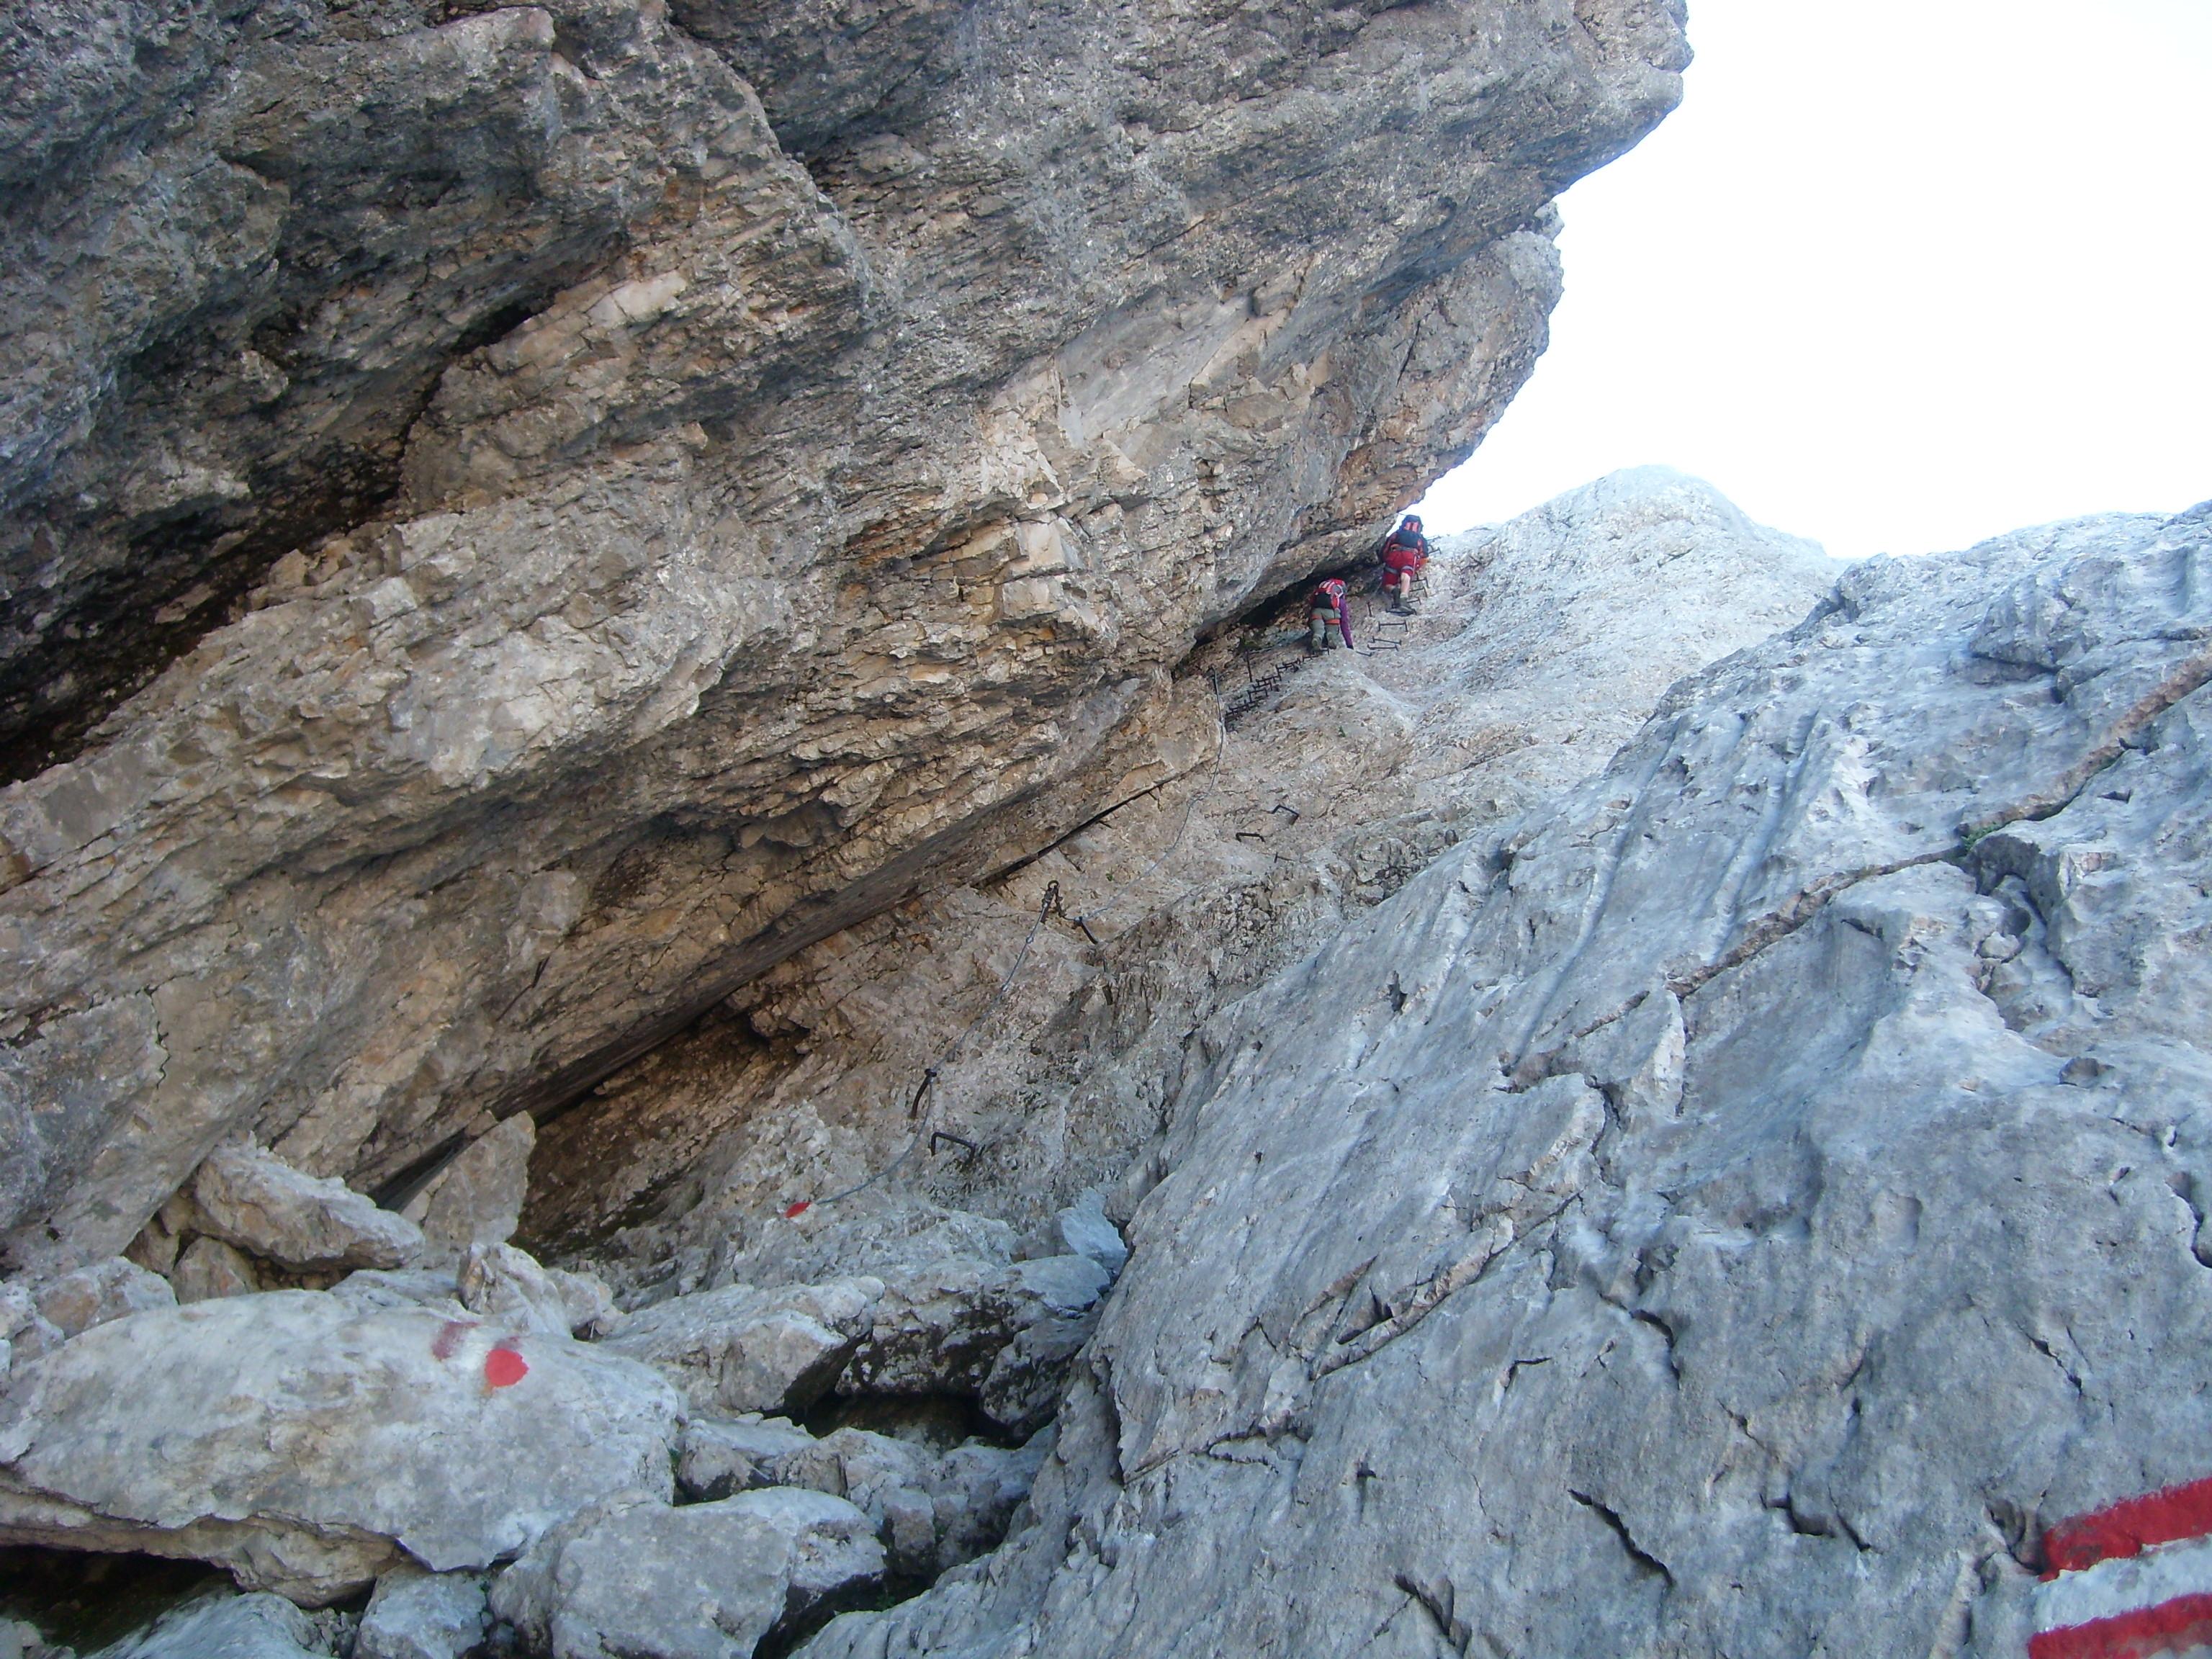 Klettersteig Stopselzieher : Auf die zugspitze über den klettersteig u201cstopselzieheru201d u2013 19.08.2012